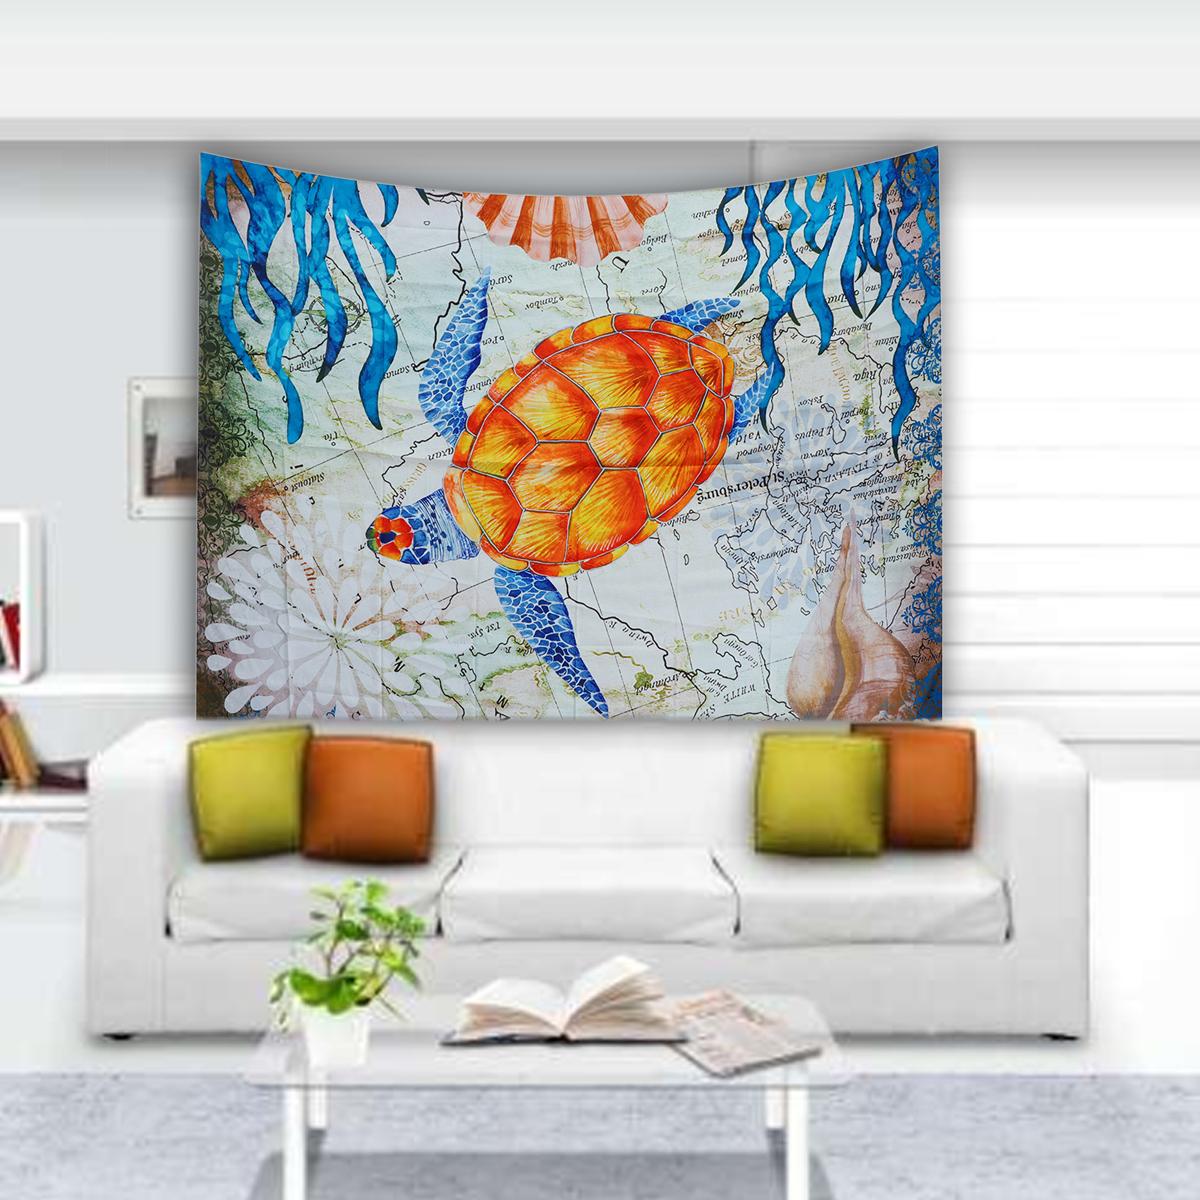 МорскаяЧерепахаПодвеснойГобеленСтеныДома Декоративные Tapete Спальня Одеяло Скатерть Yoga Мат - фото 4